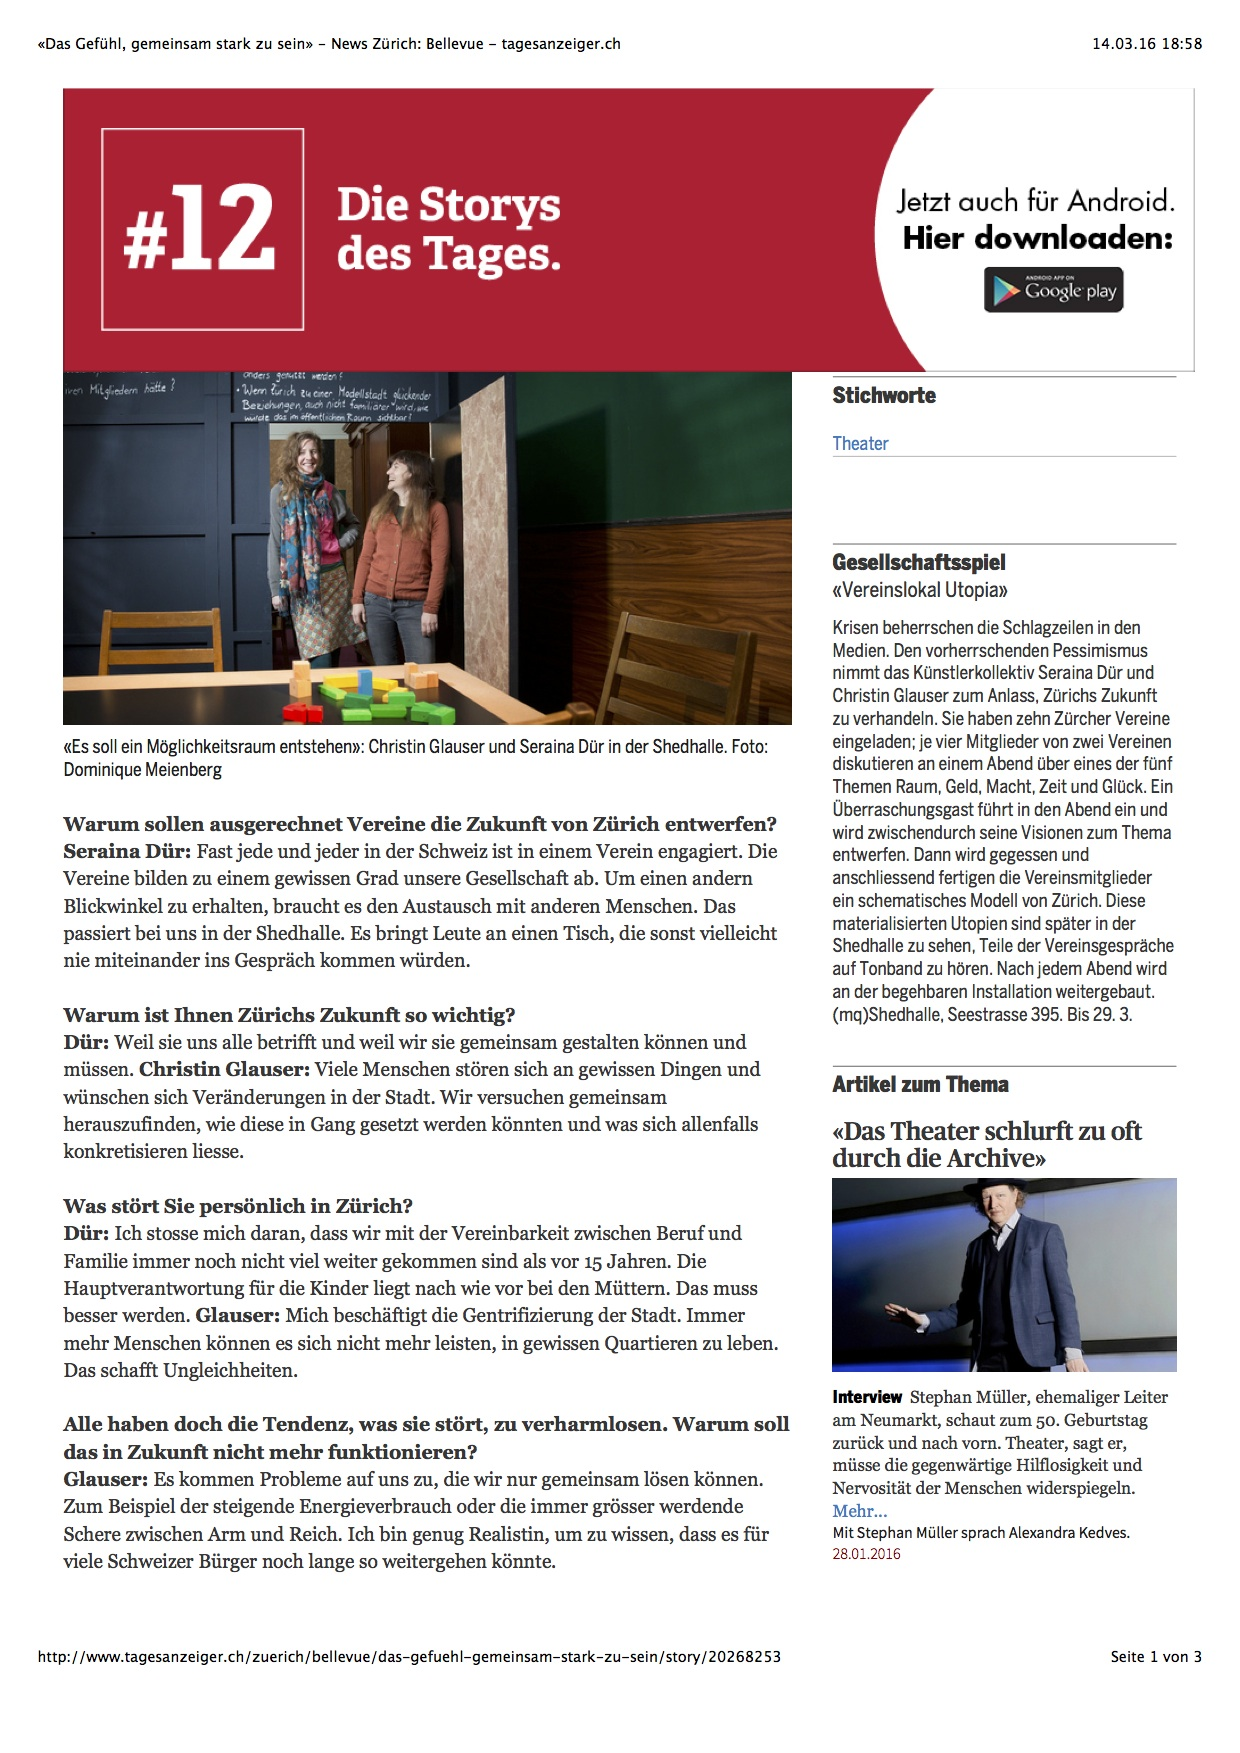 «Das Gefühl, gemeinsam stark zu sein» - News Zürich: Bellevue - tagesanzeiger.ch